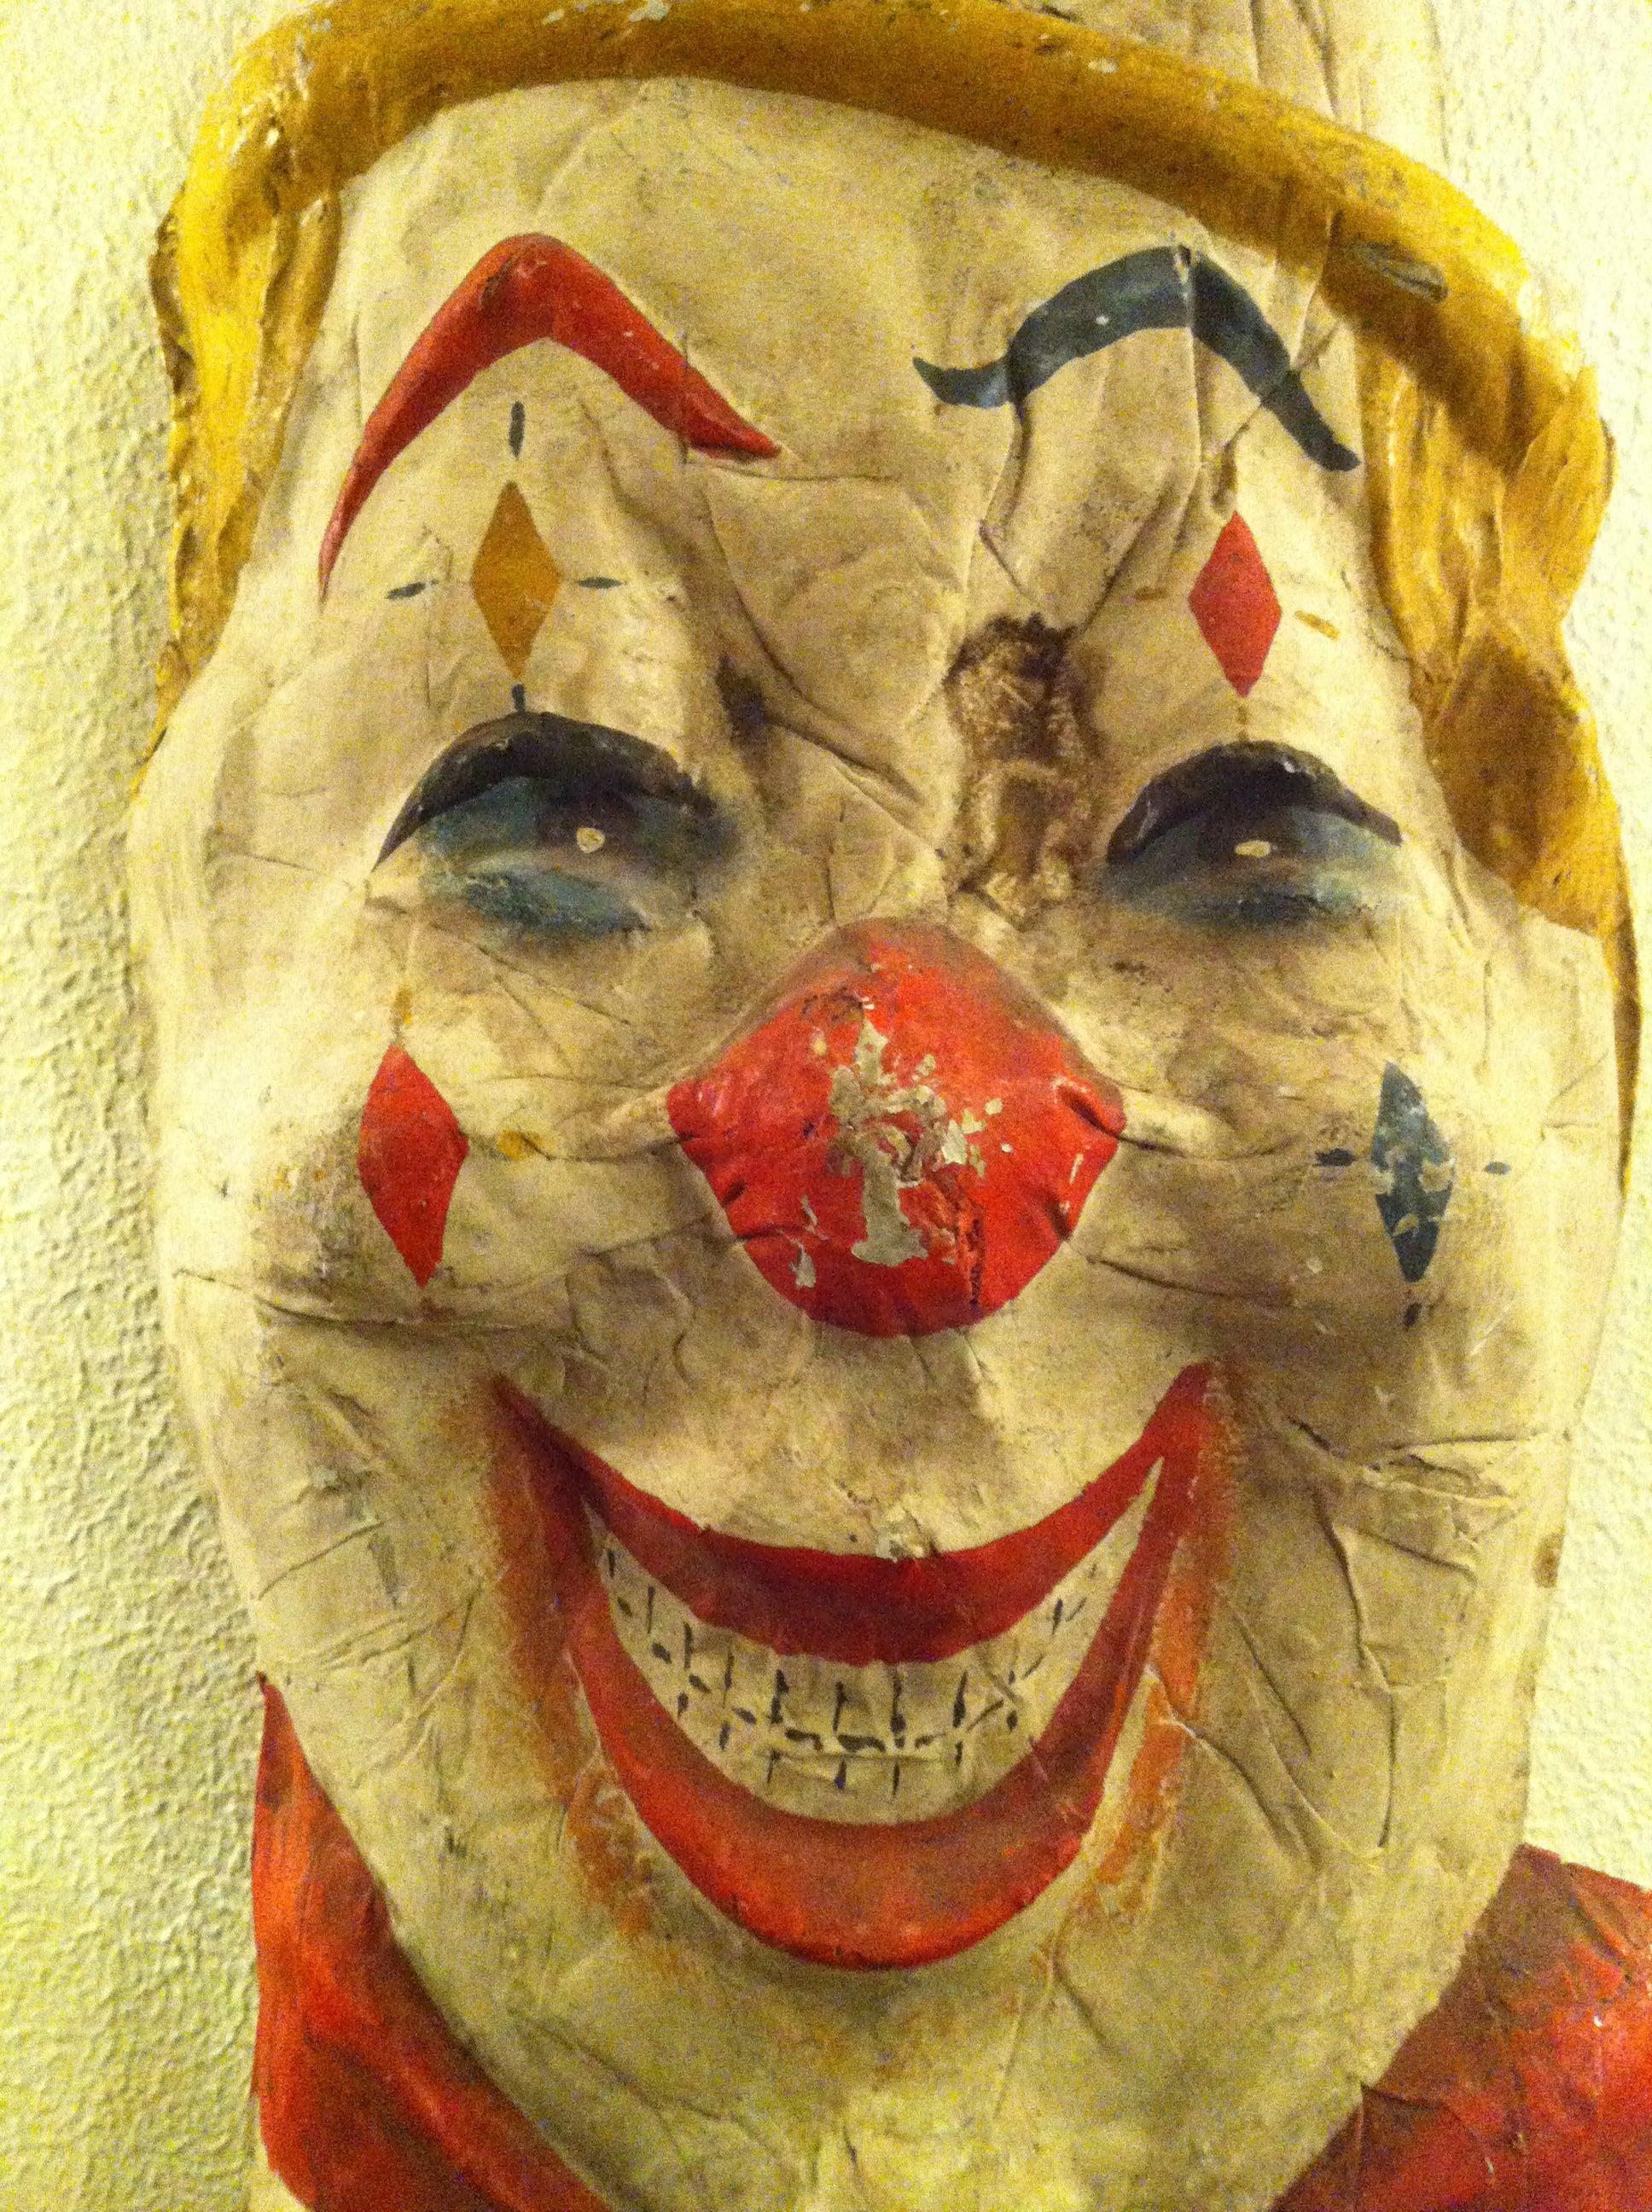 Vintage Papier Mâché Circus Clowns For Sale at 1stdibs